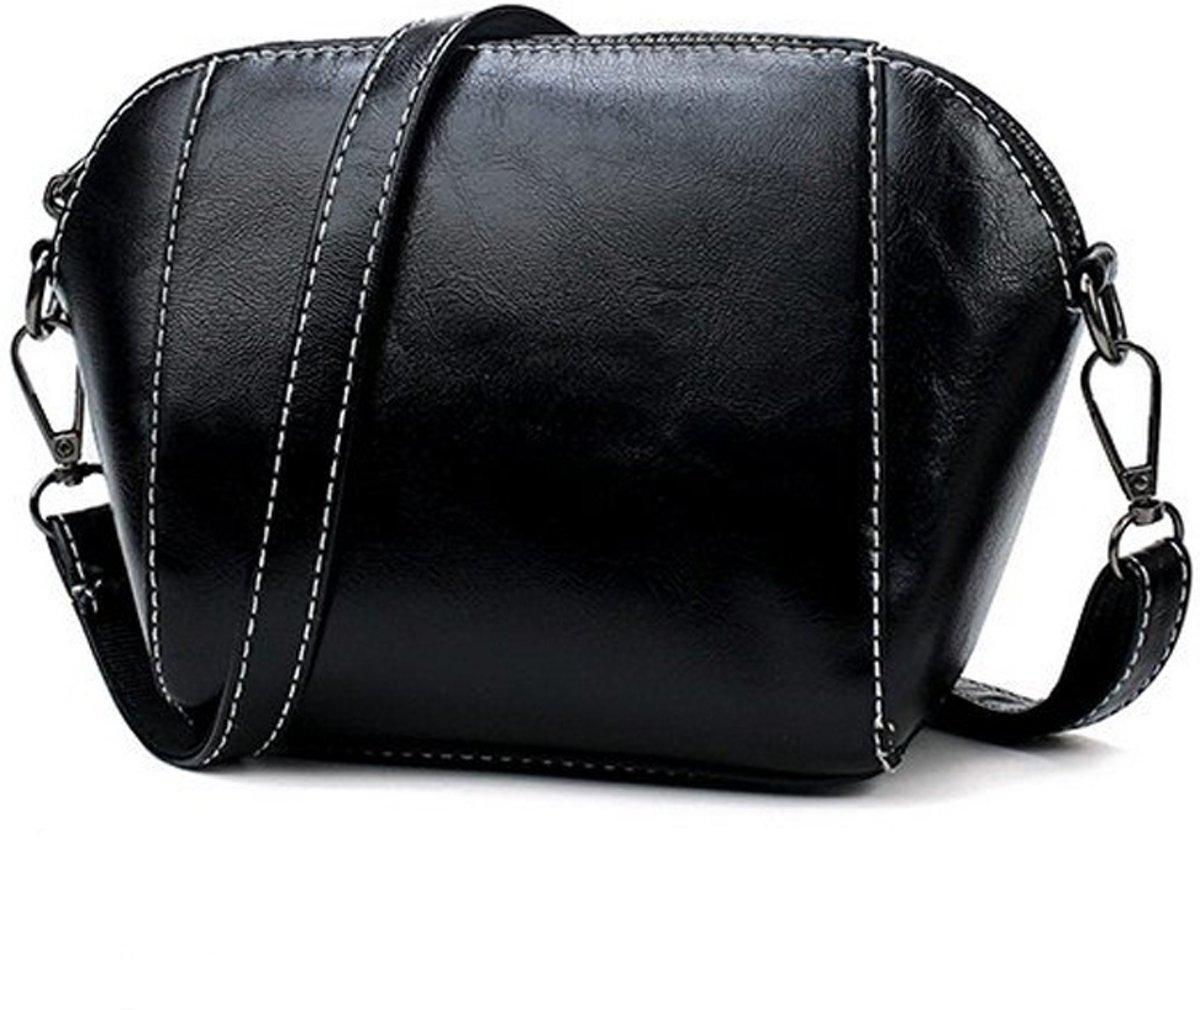 Let op type!! Leisure Fashion PU Leather Slant Shoulder Bag (Black) kopen